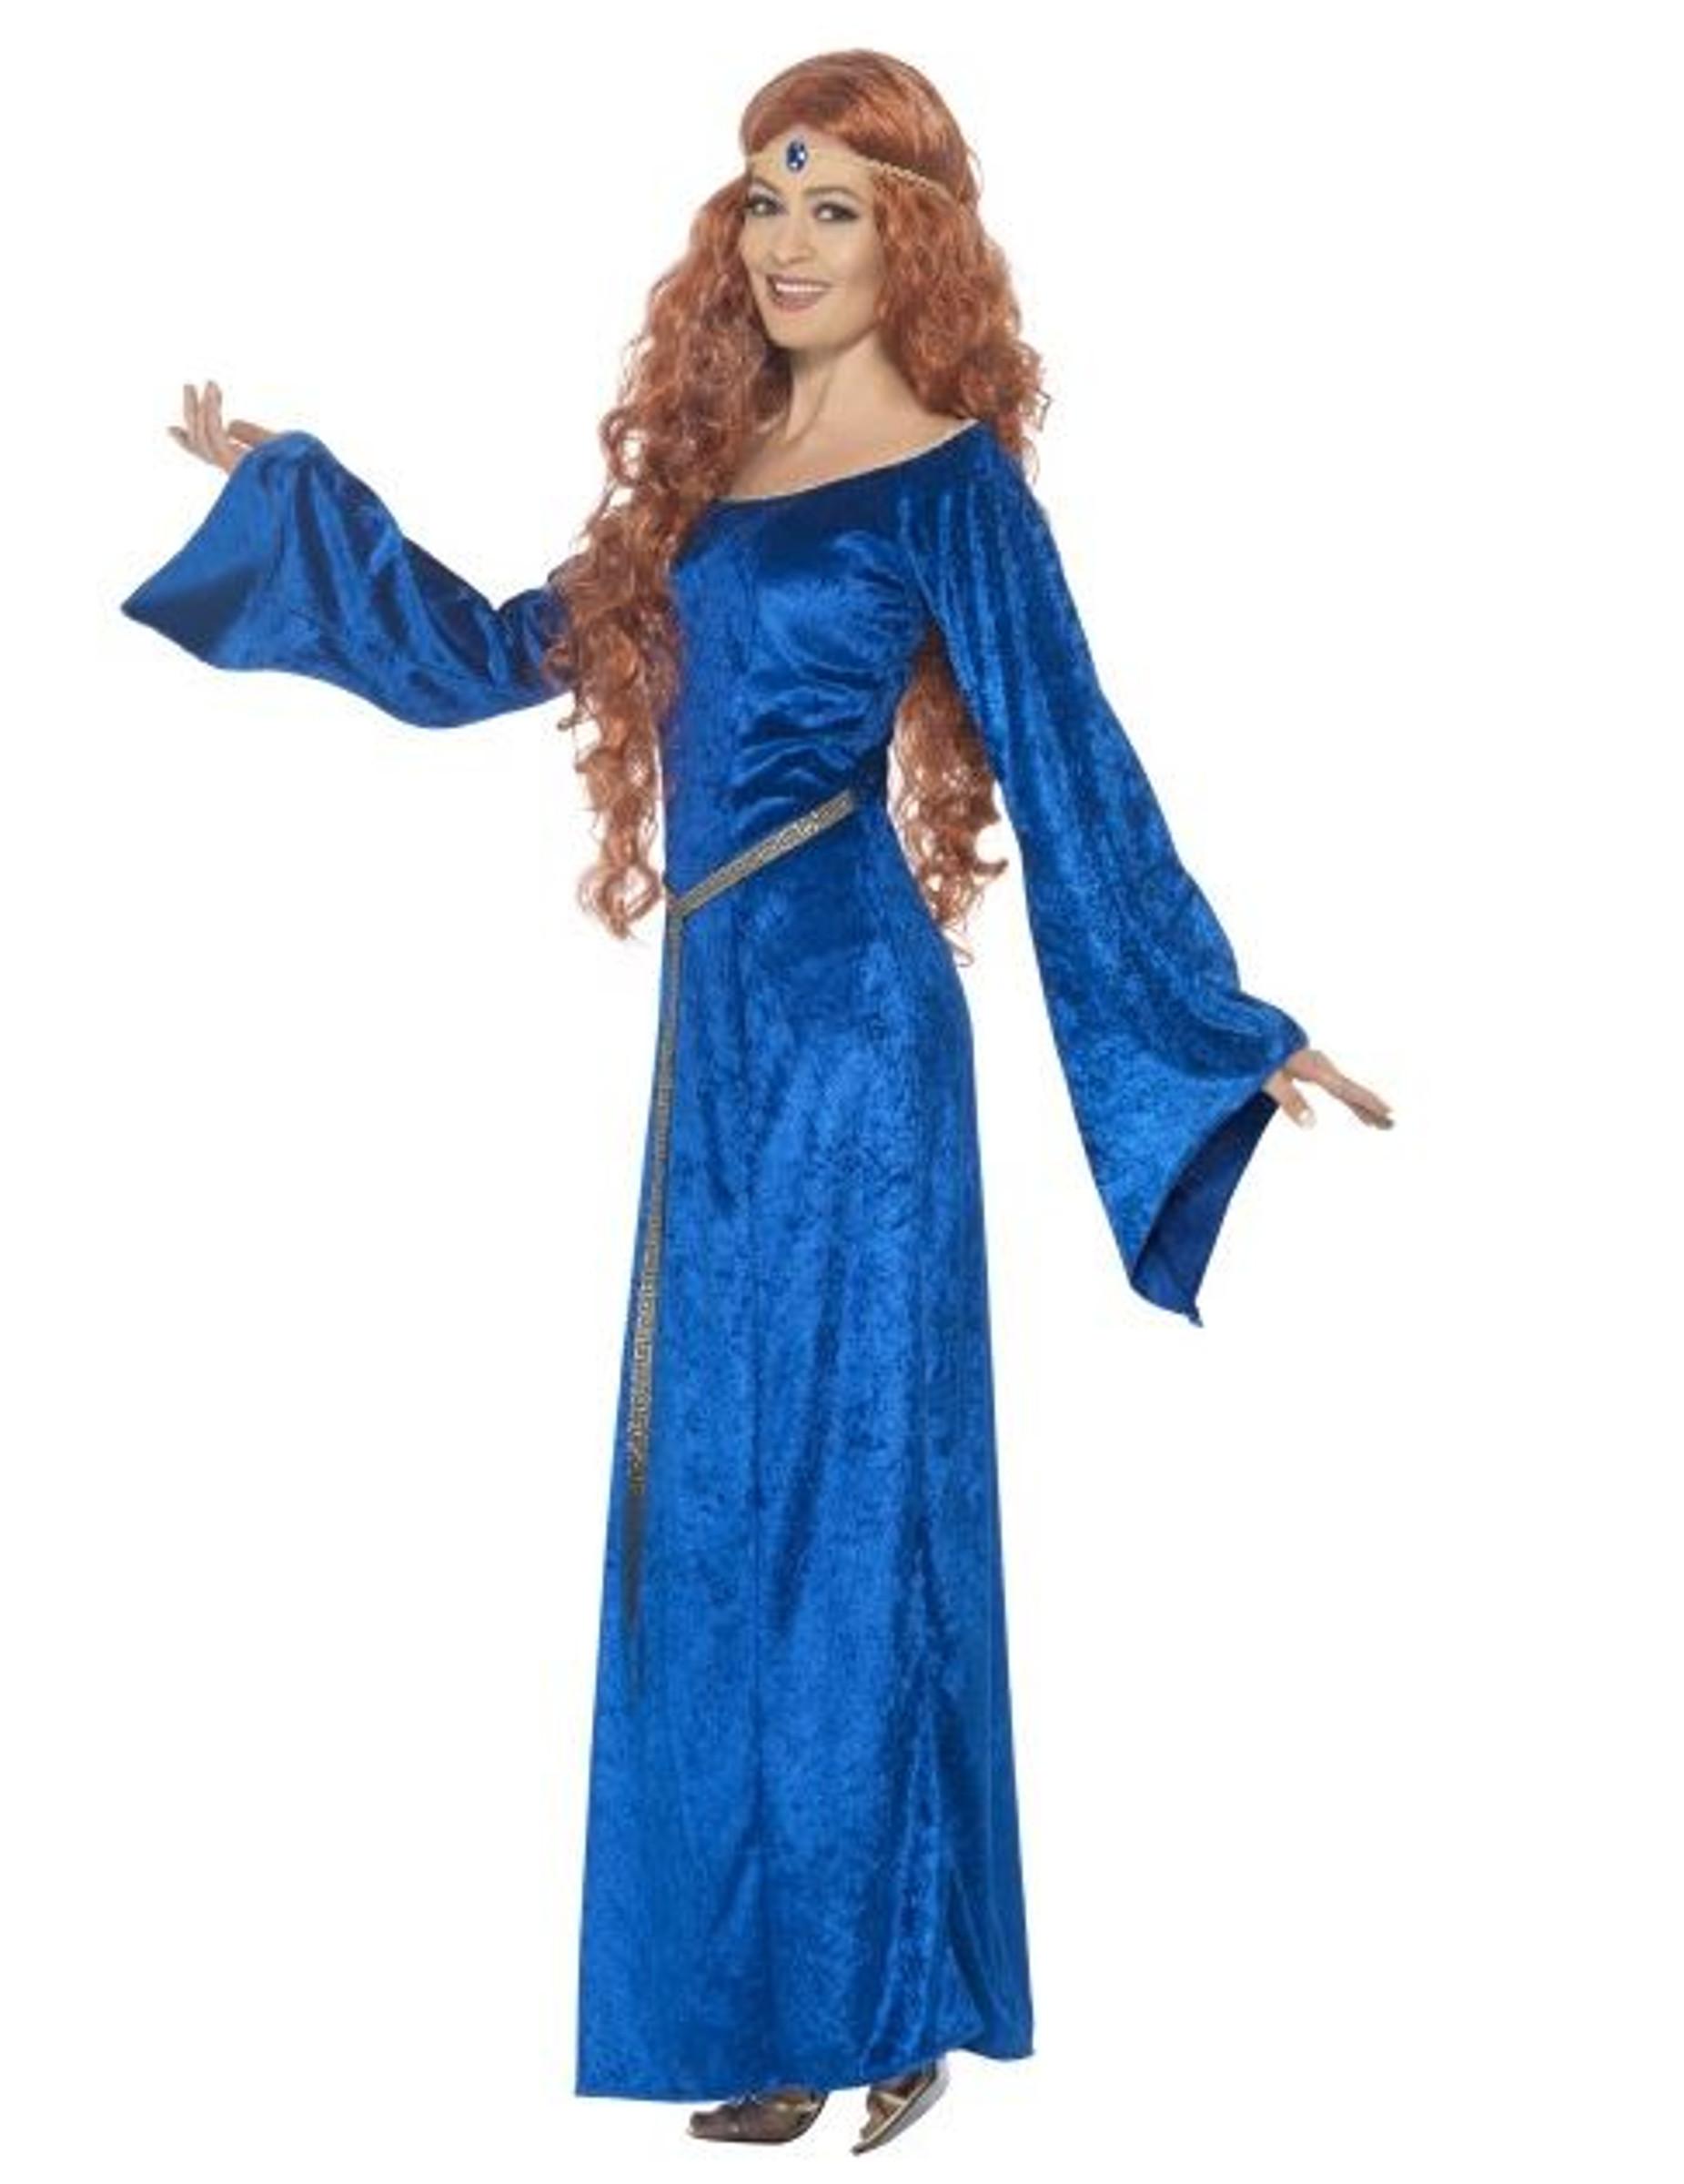 Disfraz medieval azul mujer disfraces adultos y disfraces originales baratos vegaoo - Costumi da bagno oversize ...